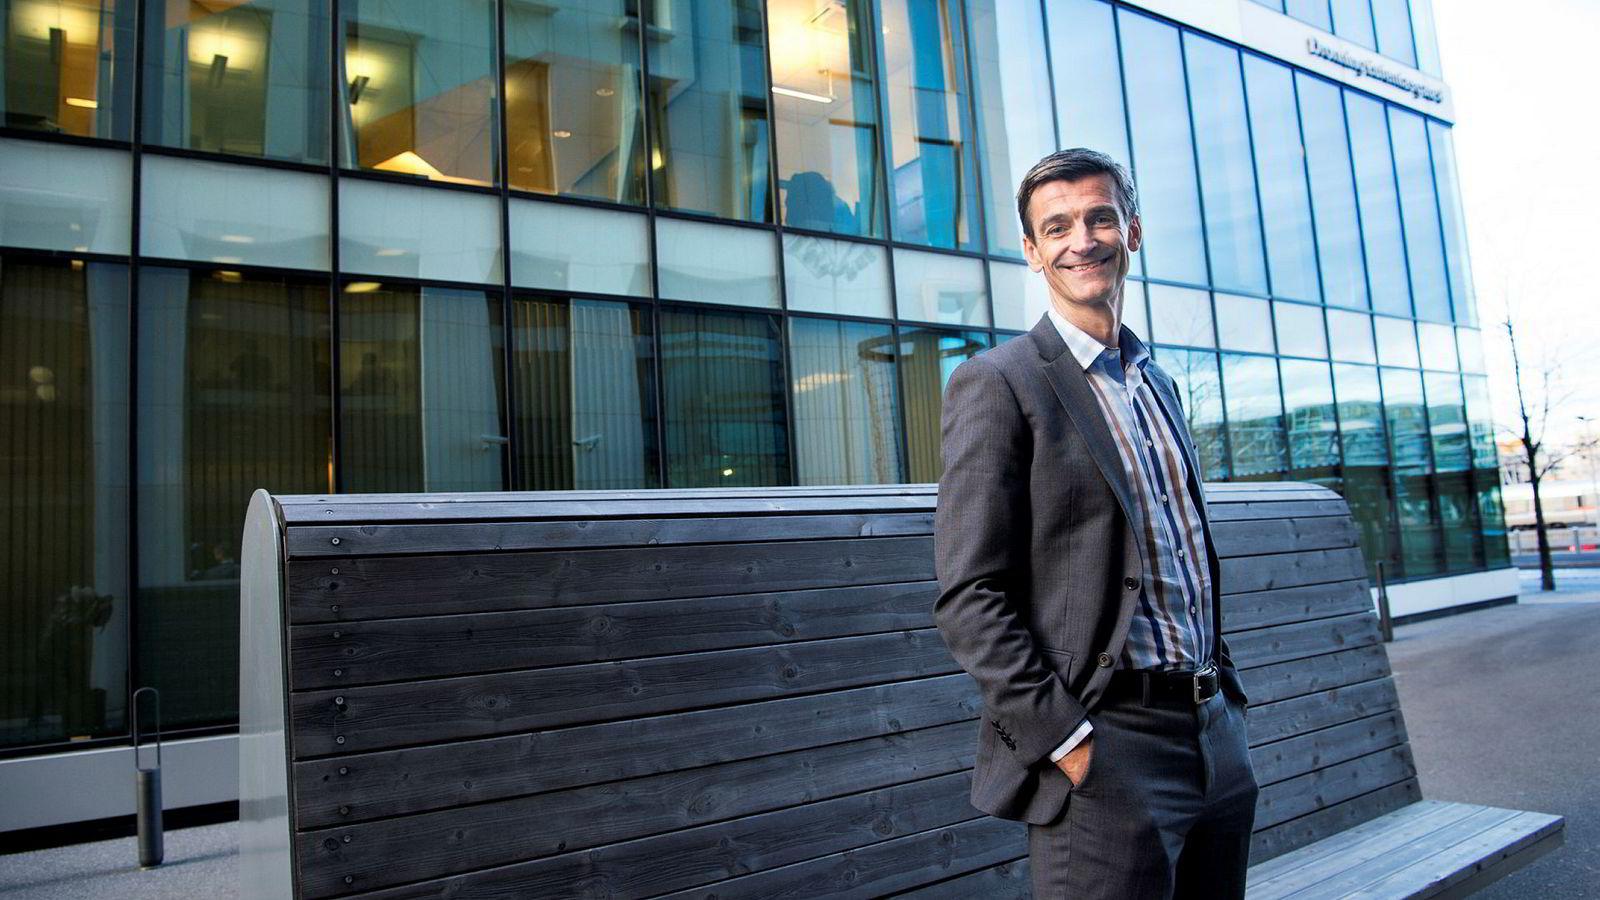 Administrerende direktør Håvard Gulbrandsen i KLP tror mange vil flytte sparemidler til aksjesparekonto når den blir lansert.